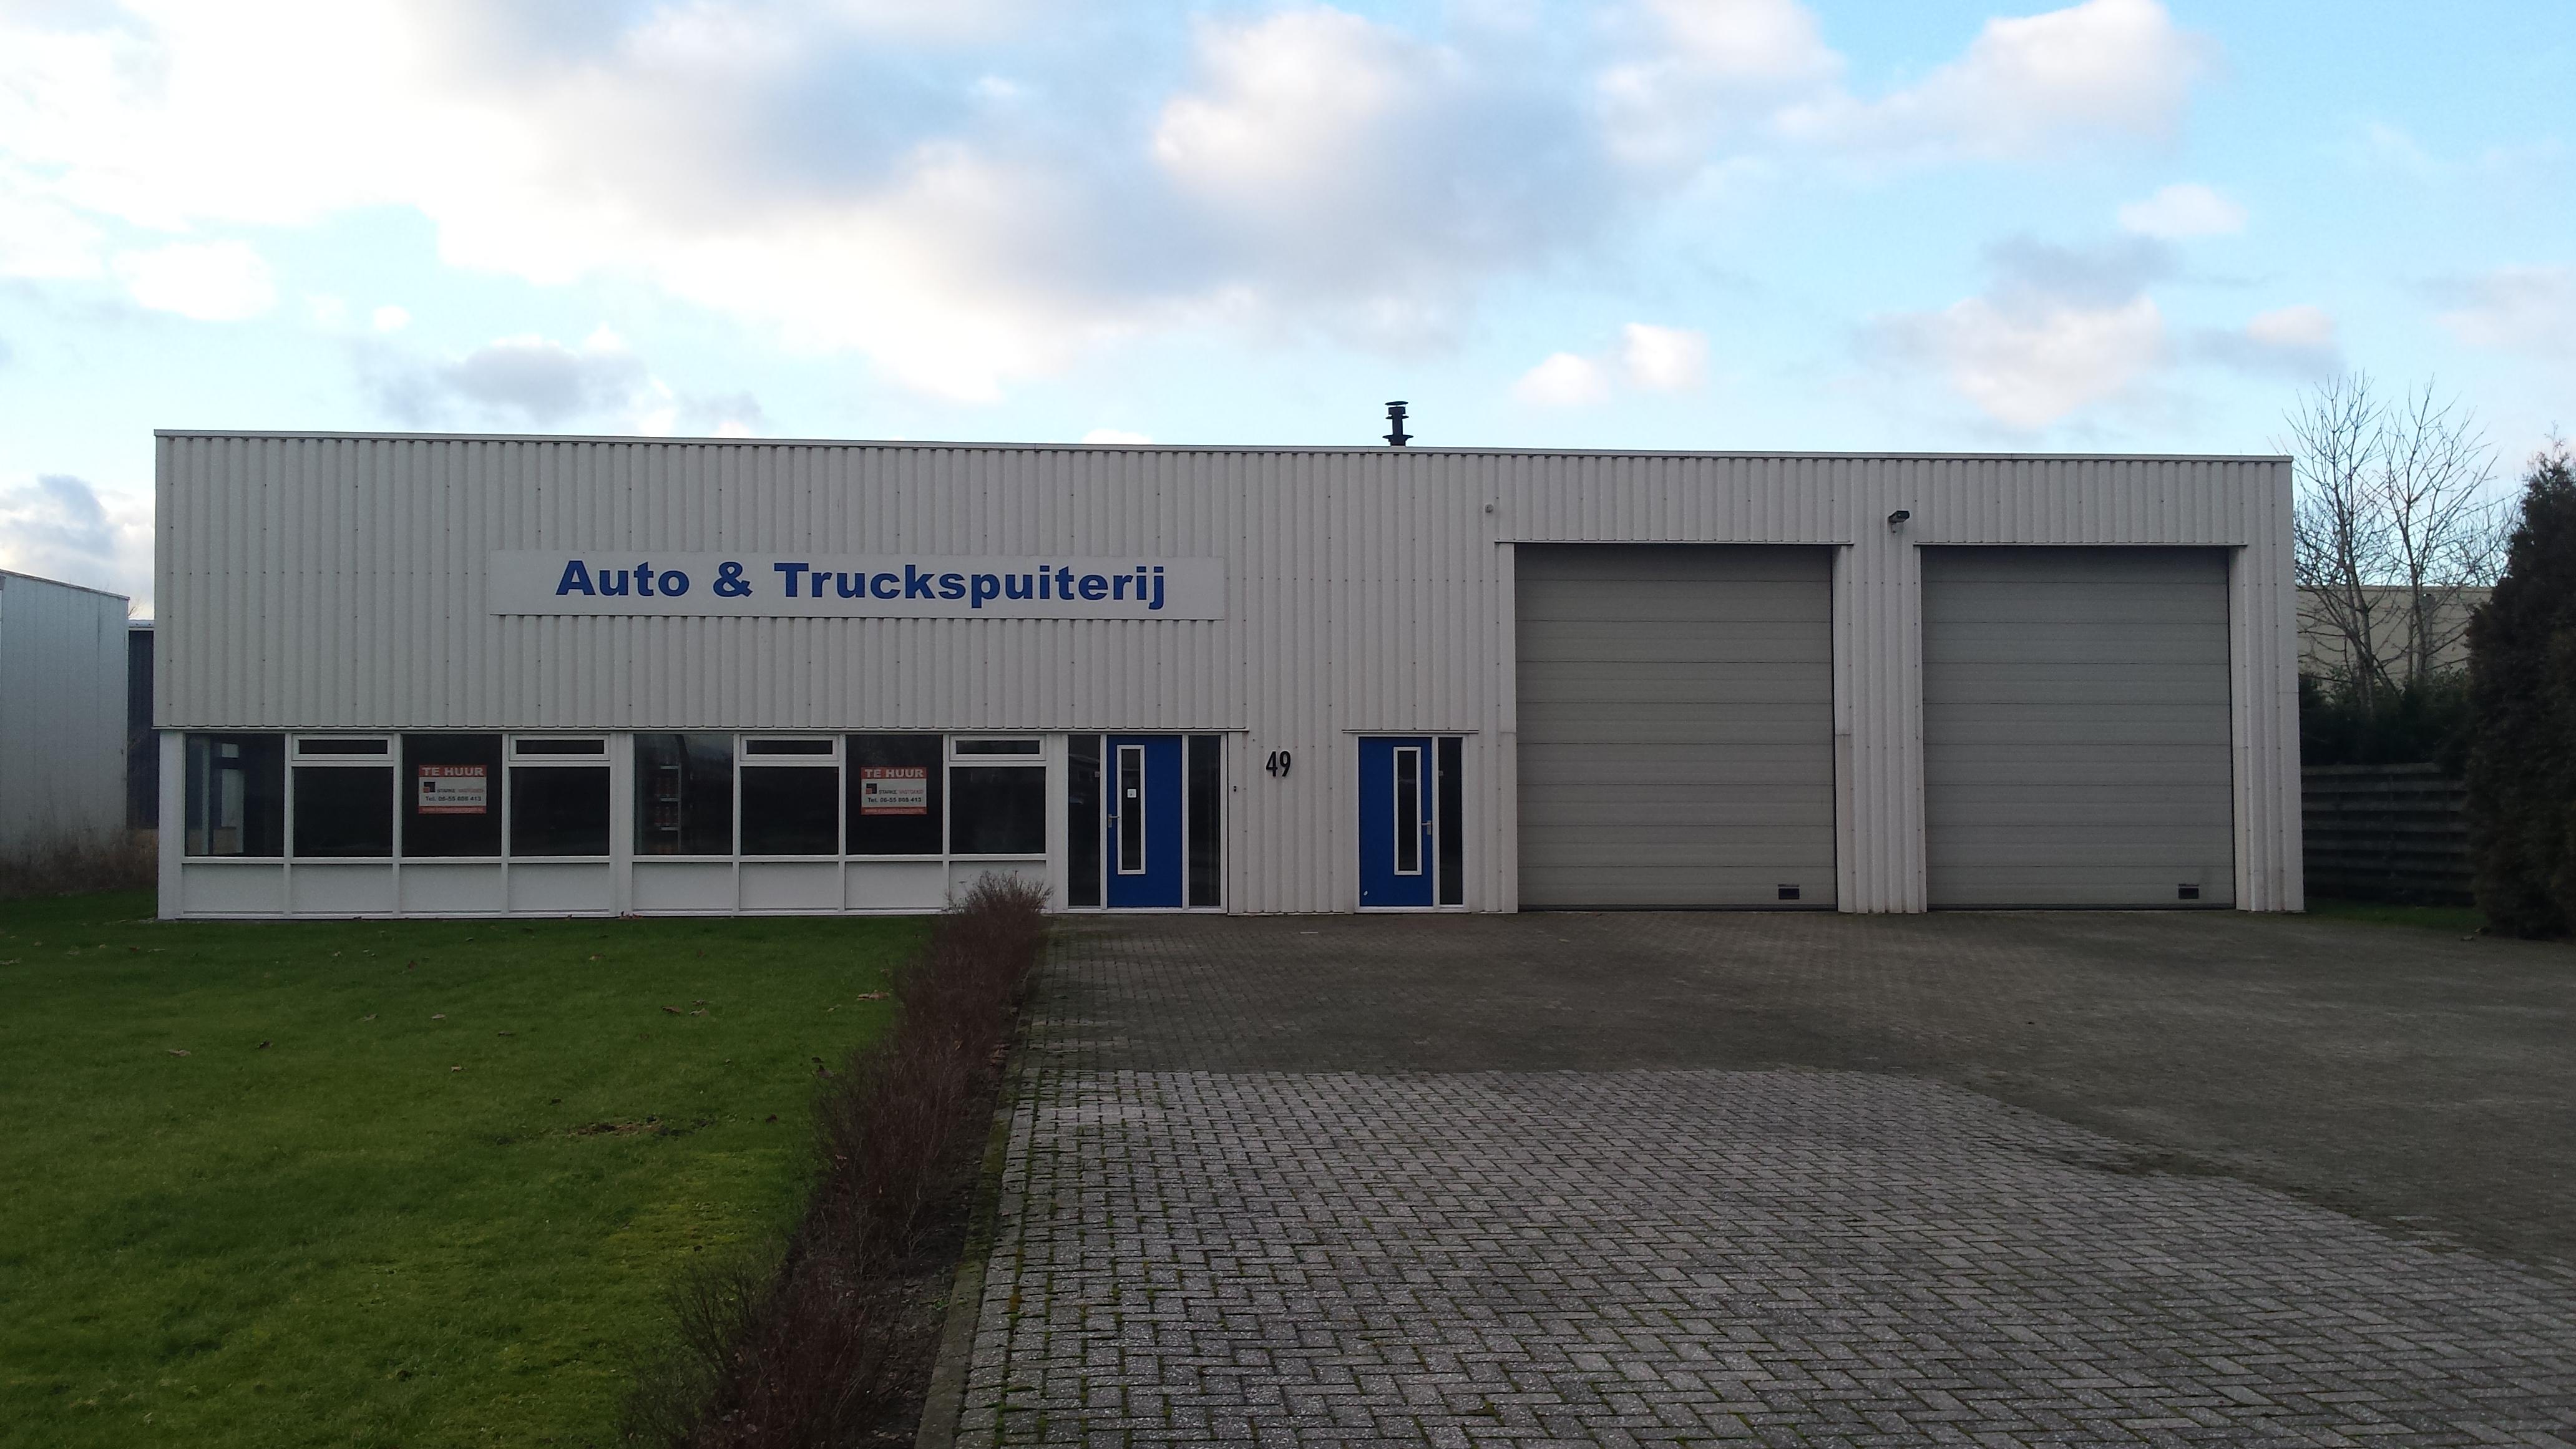 Garage Huren Groningen : Bedrijfsruimte kantoorruimte winkelruimte in groningen te huur en